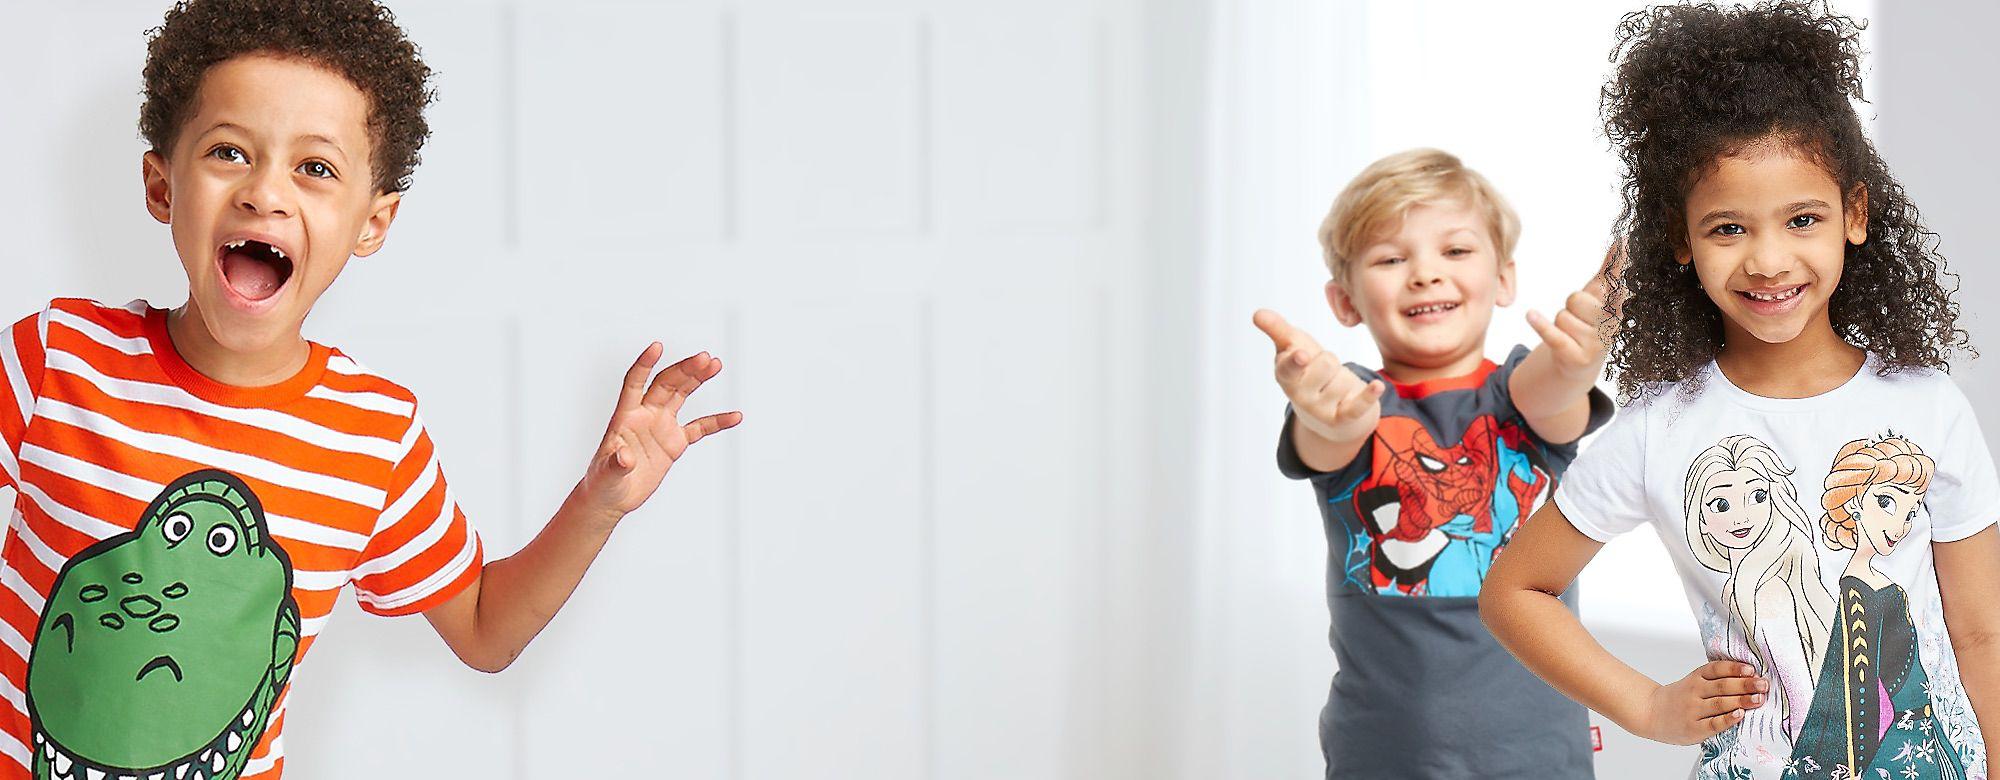 20% Rabatt auf ausgewählte Kleidung, Accessoires und Baby Es gelten die Allgemeinen Geschäftsbedingungen JETZT KAUFEN